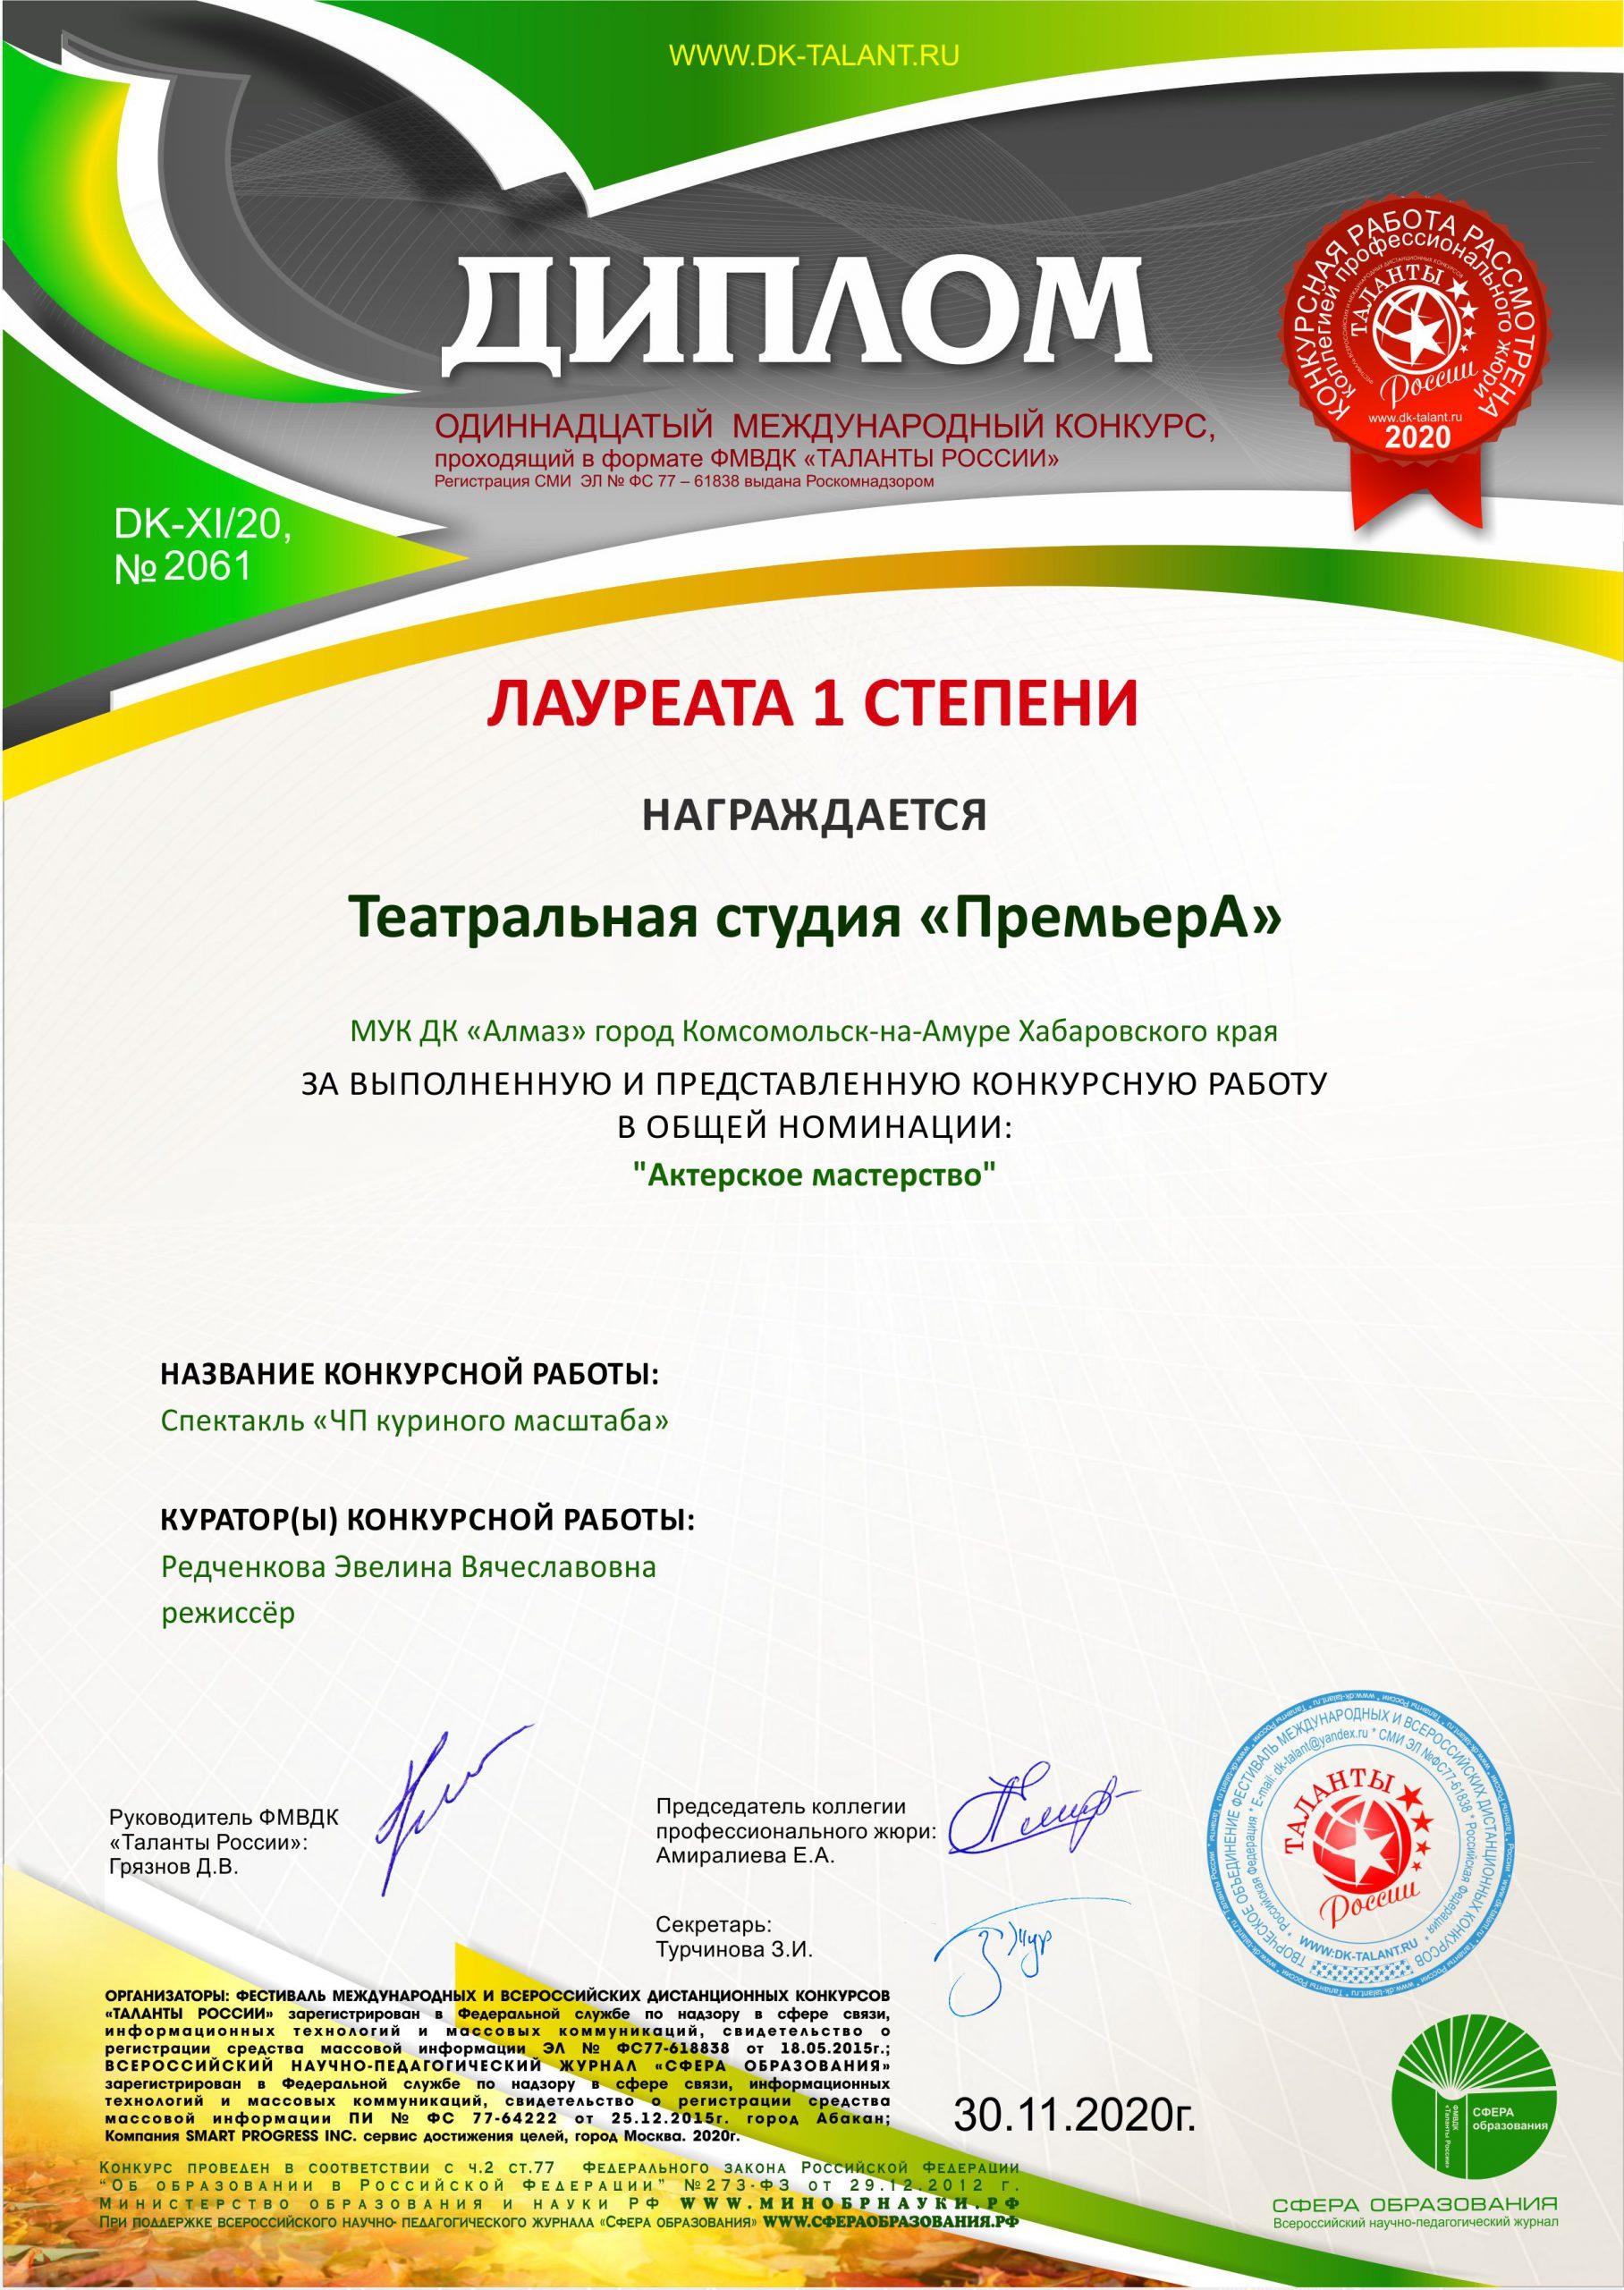 Таланты России Всероссийский 30.11.2020 г.